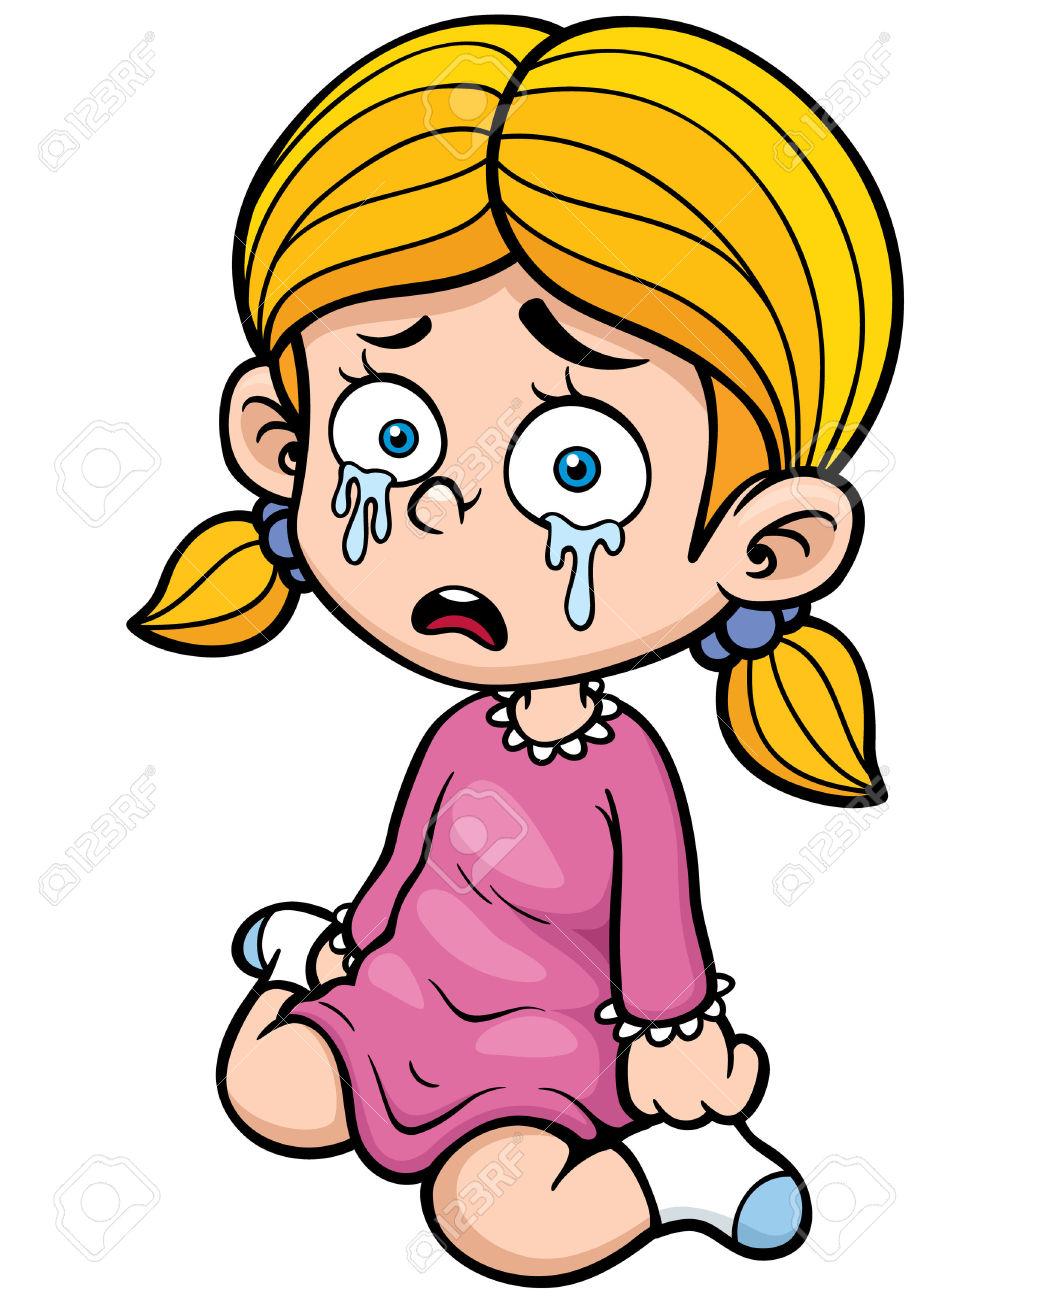 Sadness clipart student Stock sad jpg 30569840 Cartoon